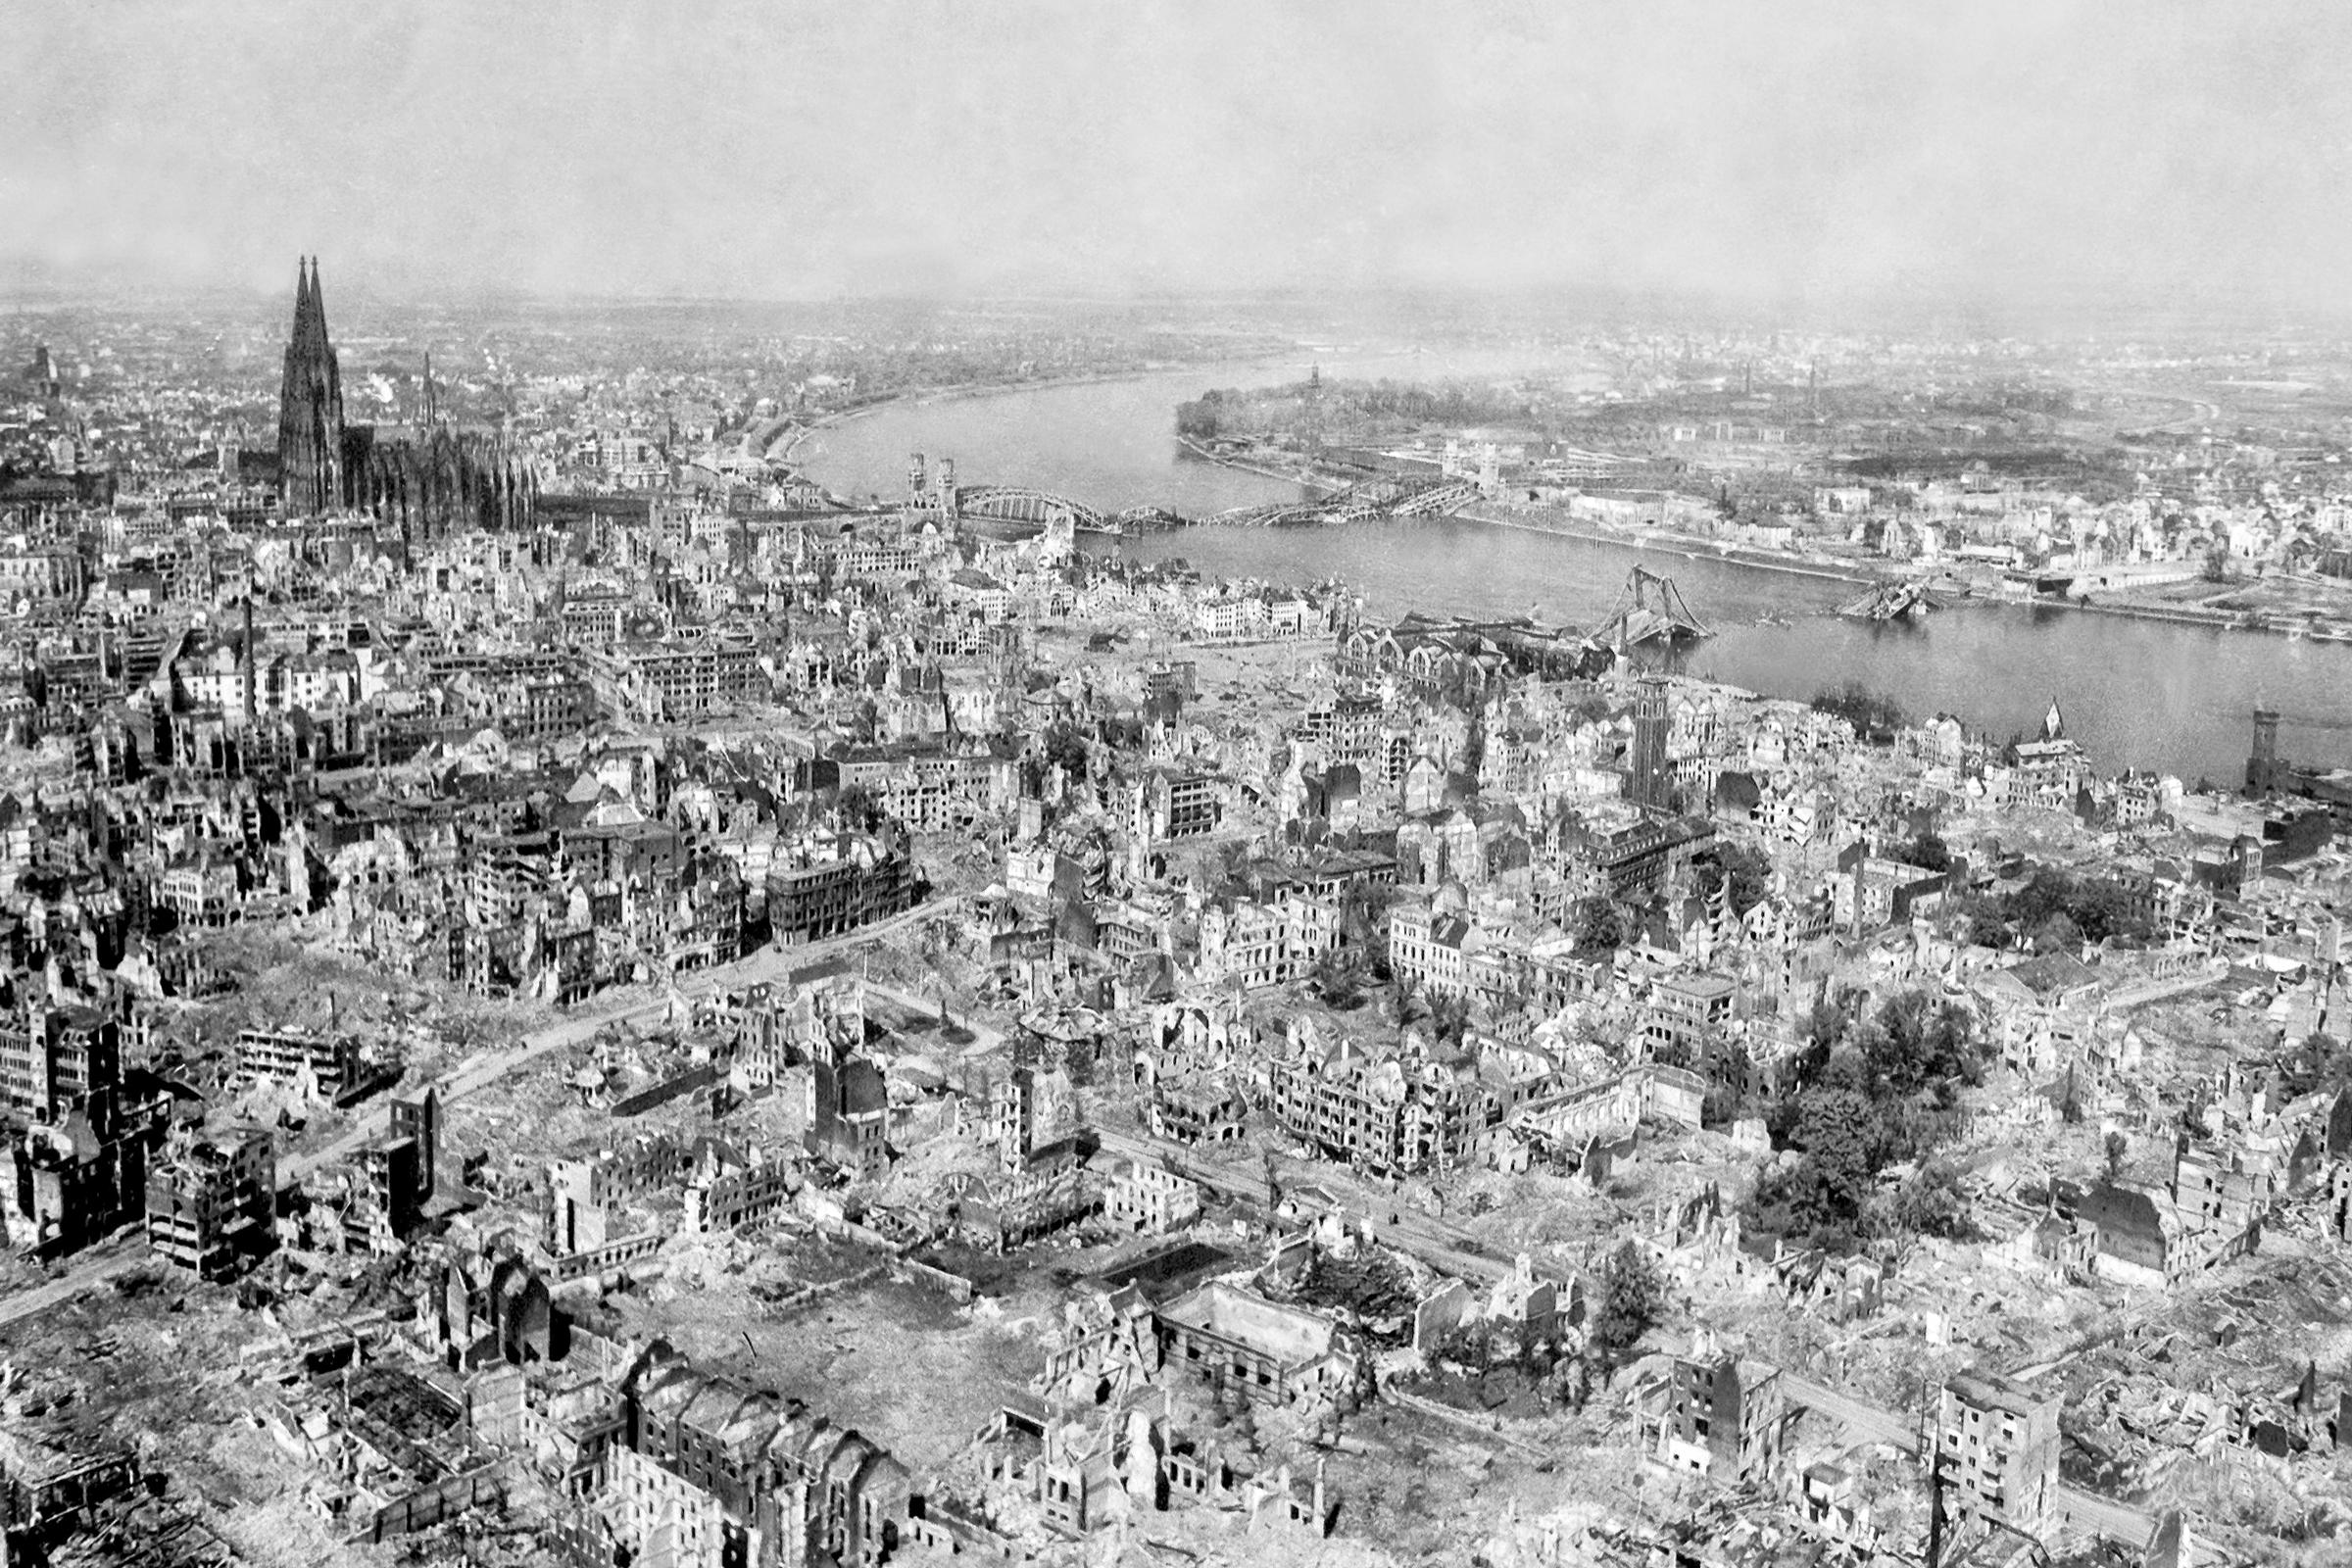 Nach den Bombenangriffen auf Köln am Rhein 1945 - Dom sowie Hohenzollernbrücke und Deutzer Brücke